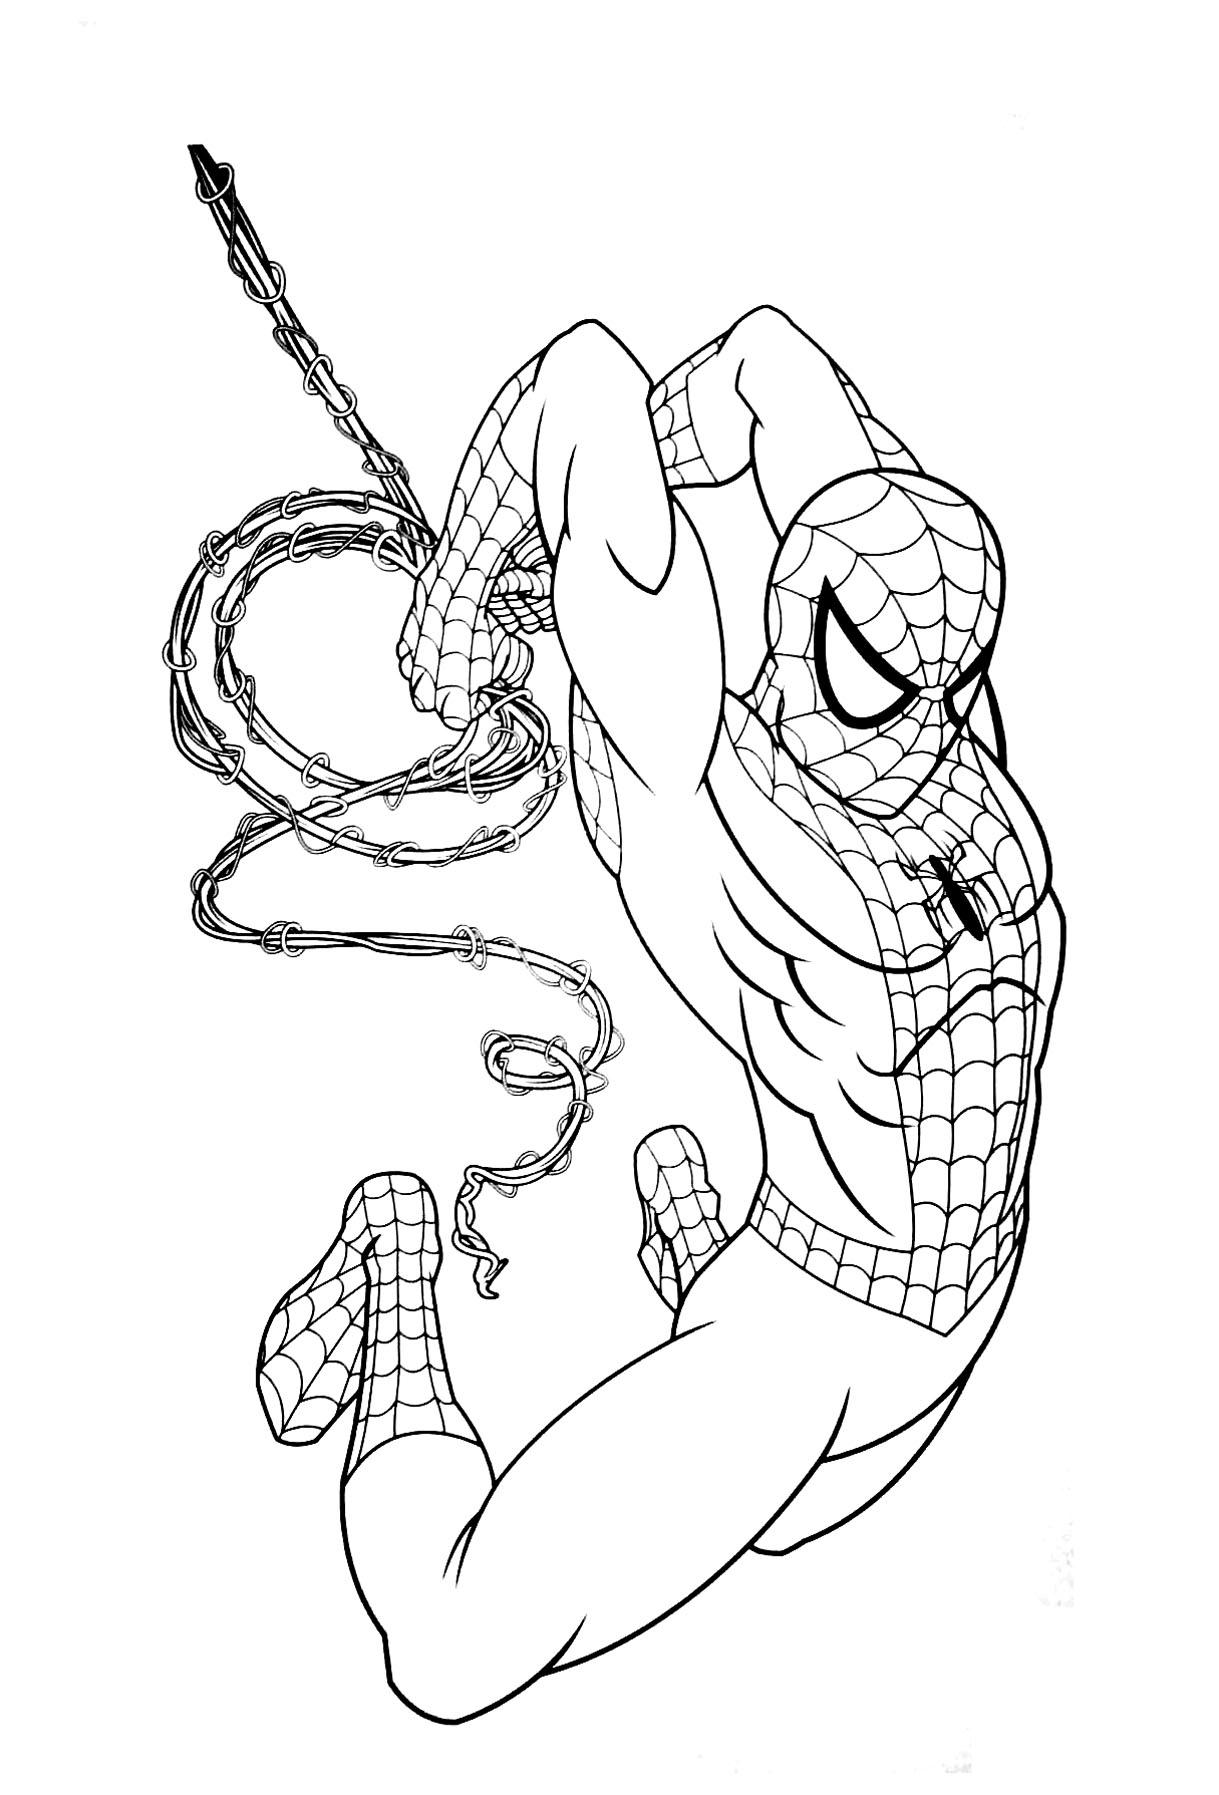 Coloriage De Spiderman Pour Enfants - Coloriage Spiderman intérieur Dessin Spiderman À Colorier Gratuit